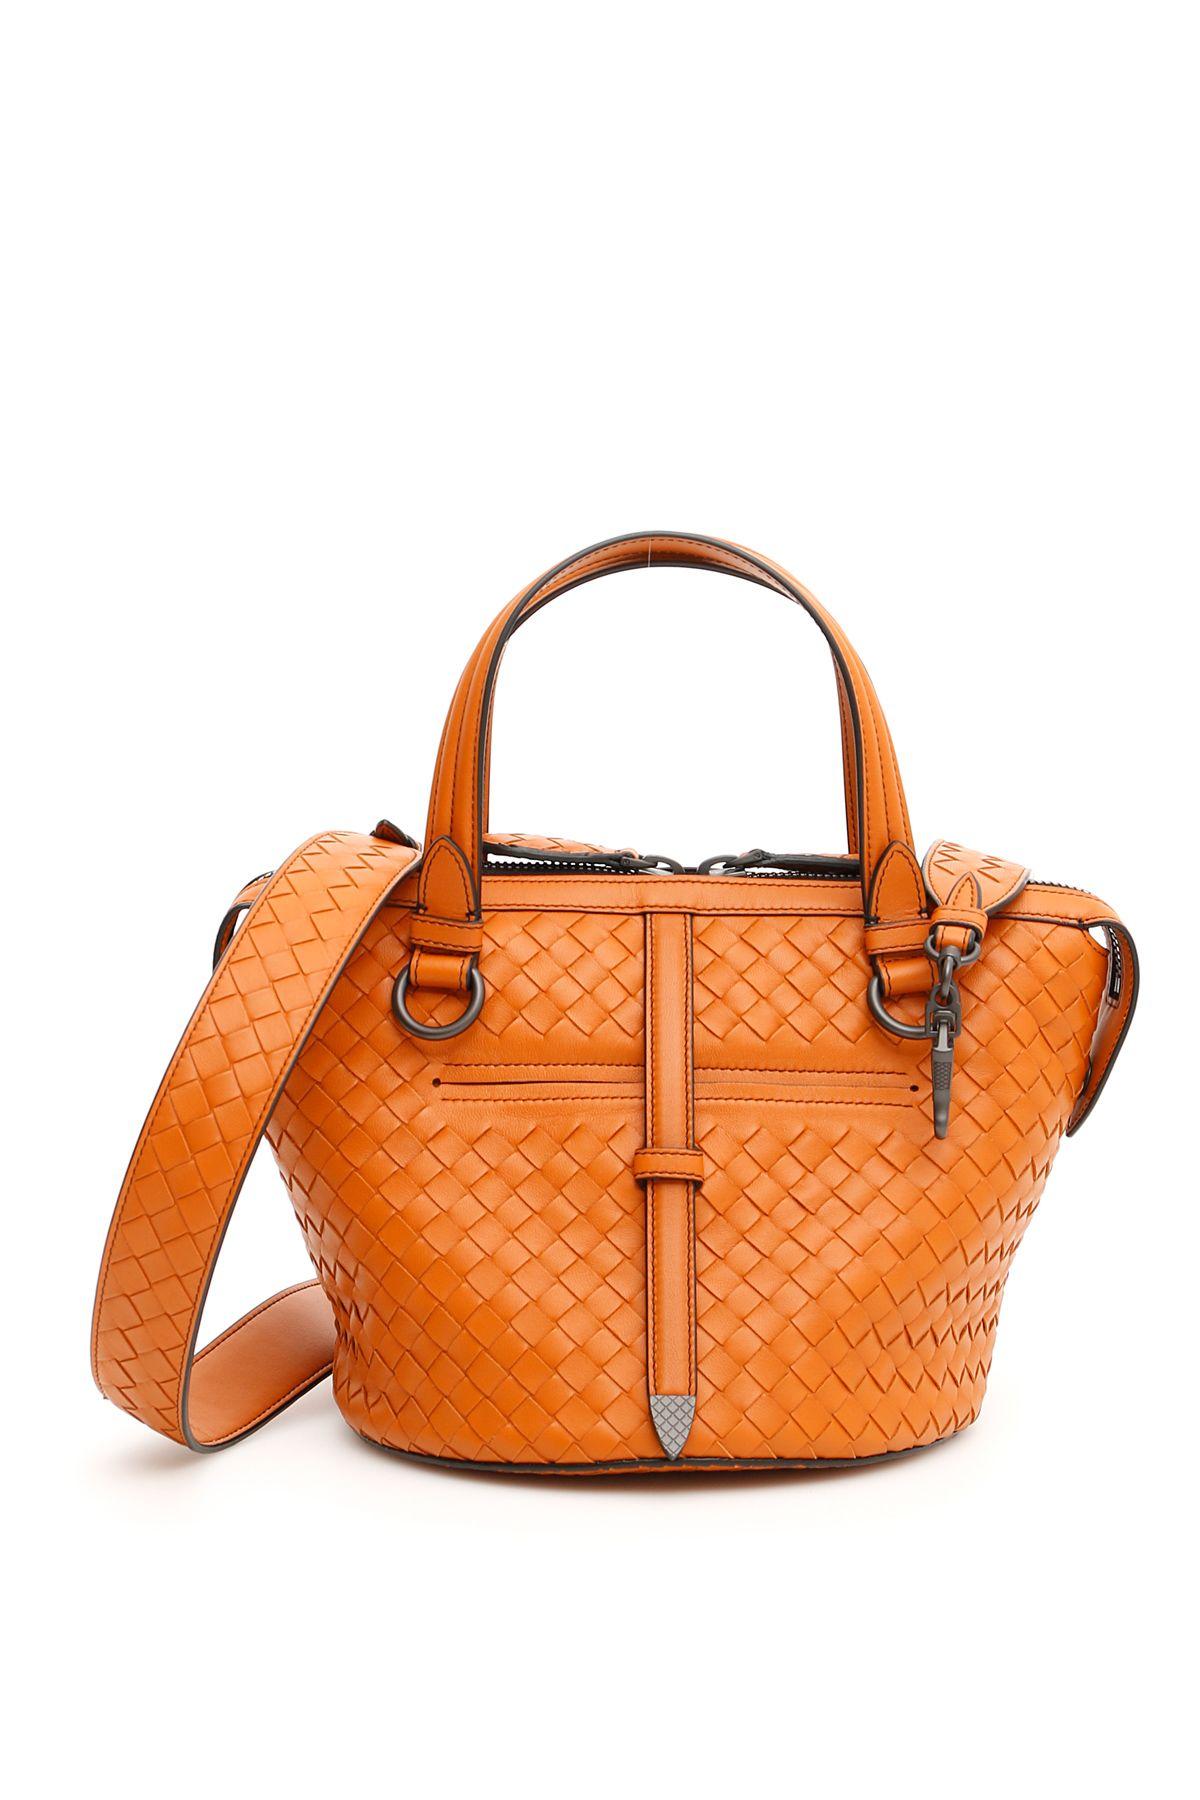 Bottega Veneta Tambura Bag